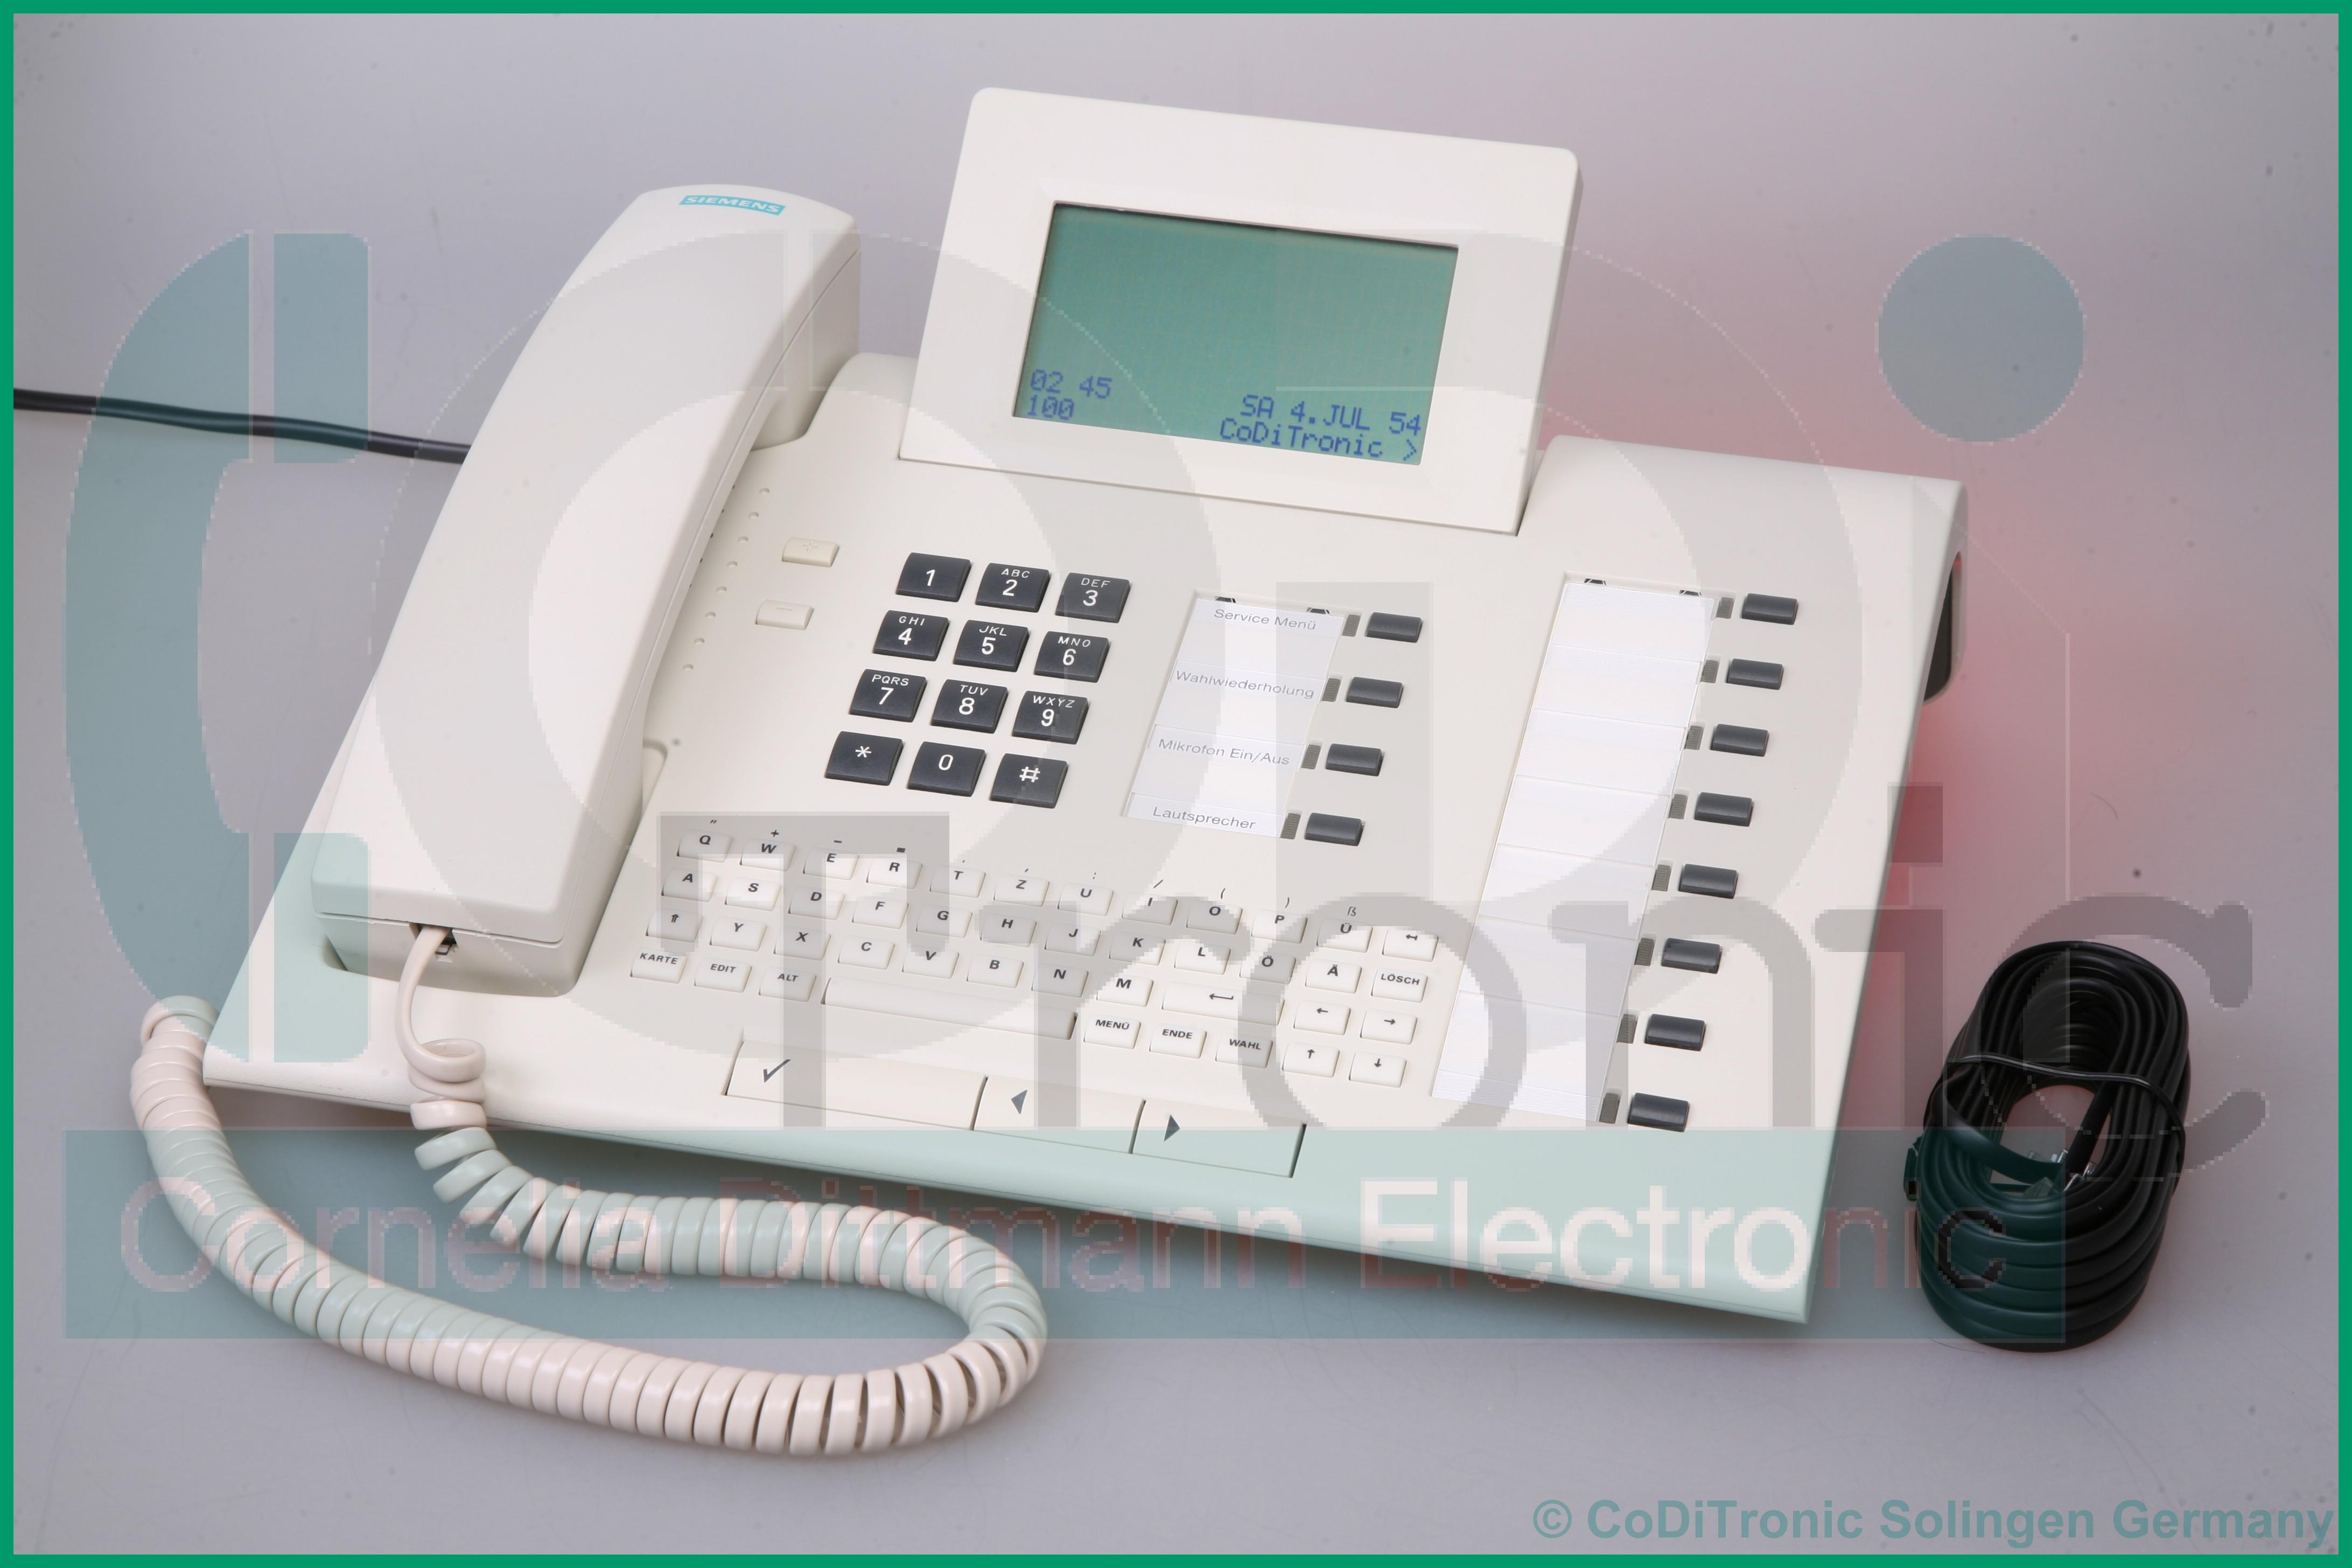 Telefonanlagen & Zubehör Einsteckmodul Für Siemens Hicom Bzw Hipath Telefonanlagen